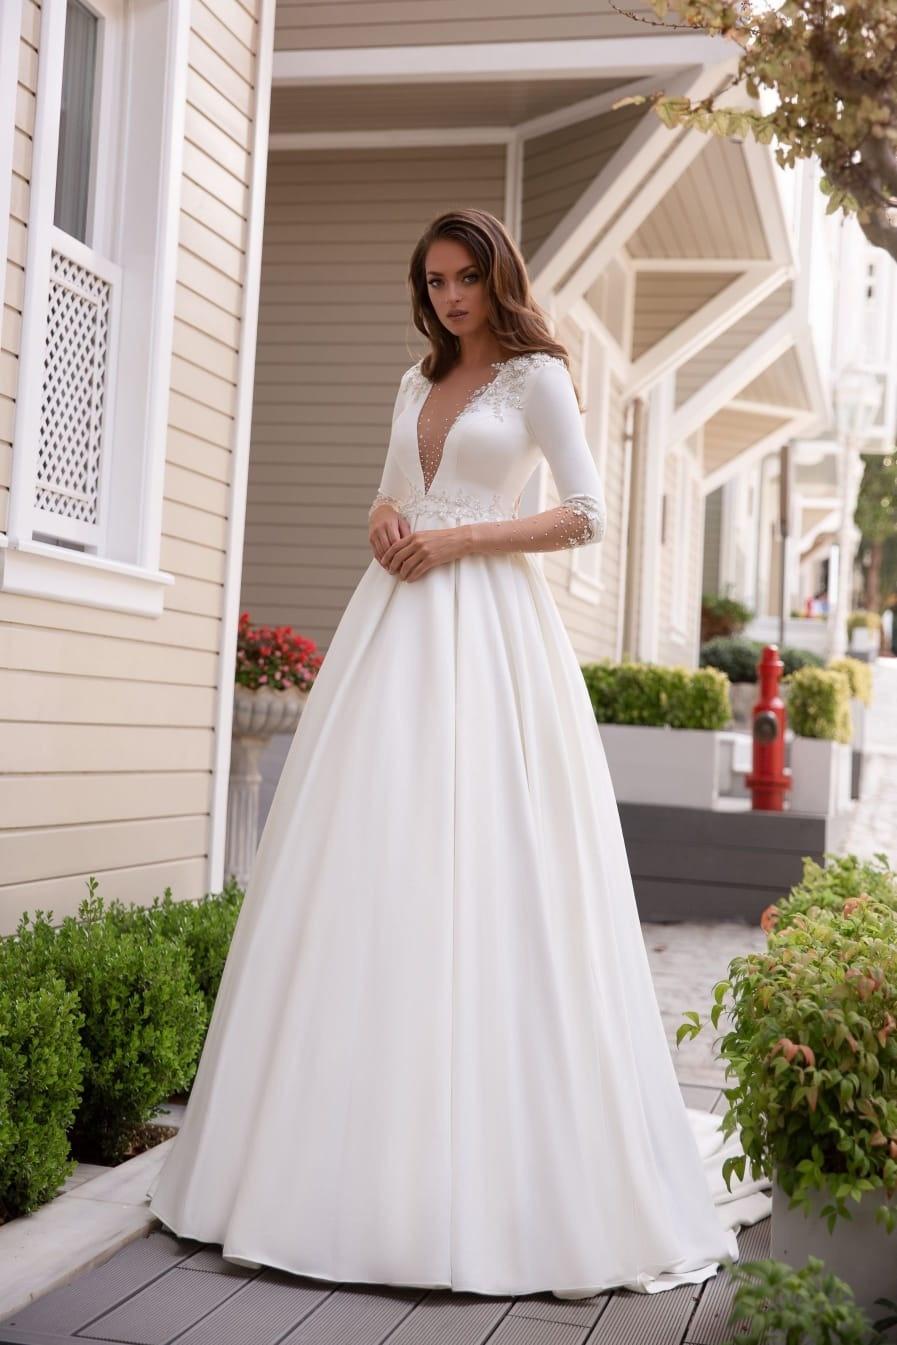 rochii de mireasa simple, rochii de mireasa lux